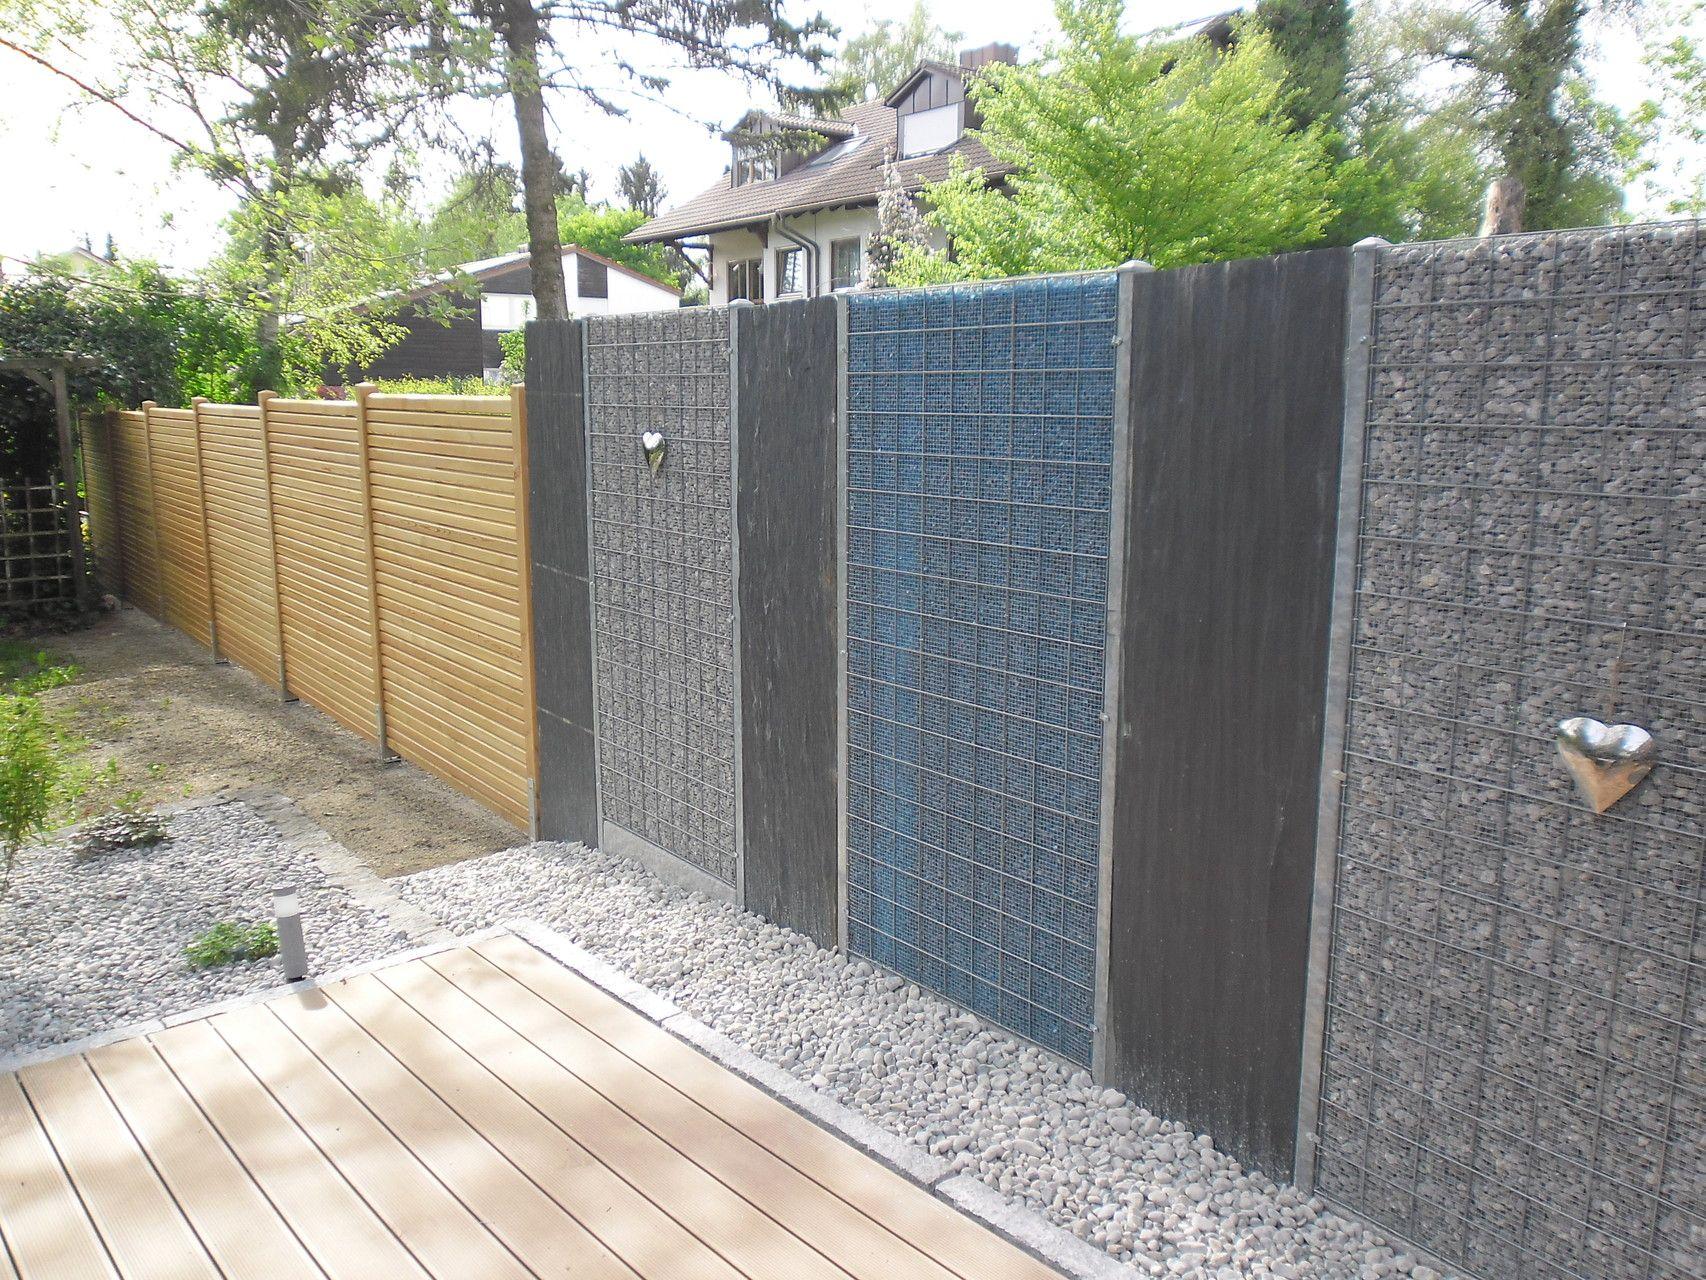 Trend Baustelle Garten Bronder Gabione Classic kombiniert mit Acrylglas garten gartengestaltung gabionen gartenbau landescape garden galaba u